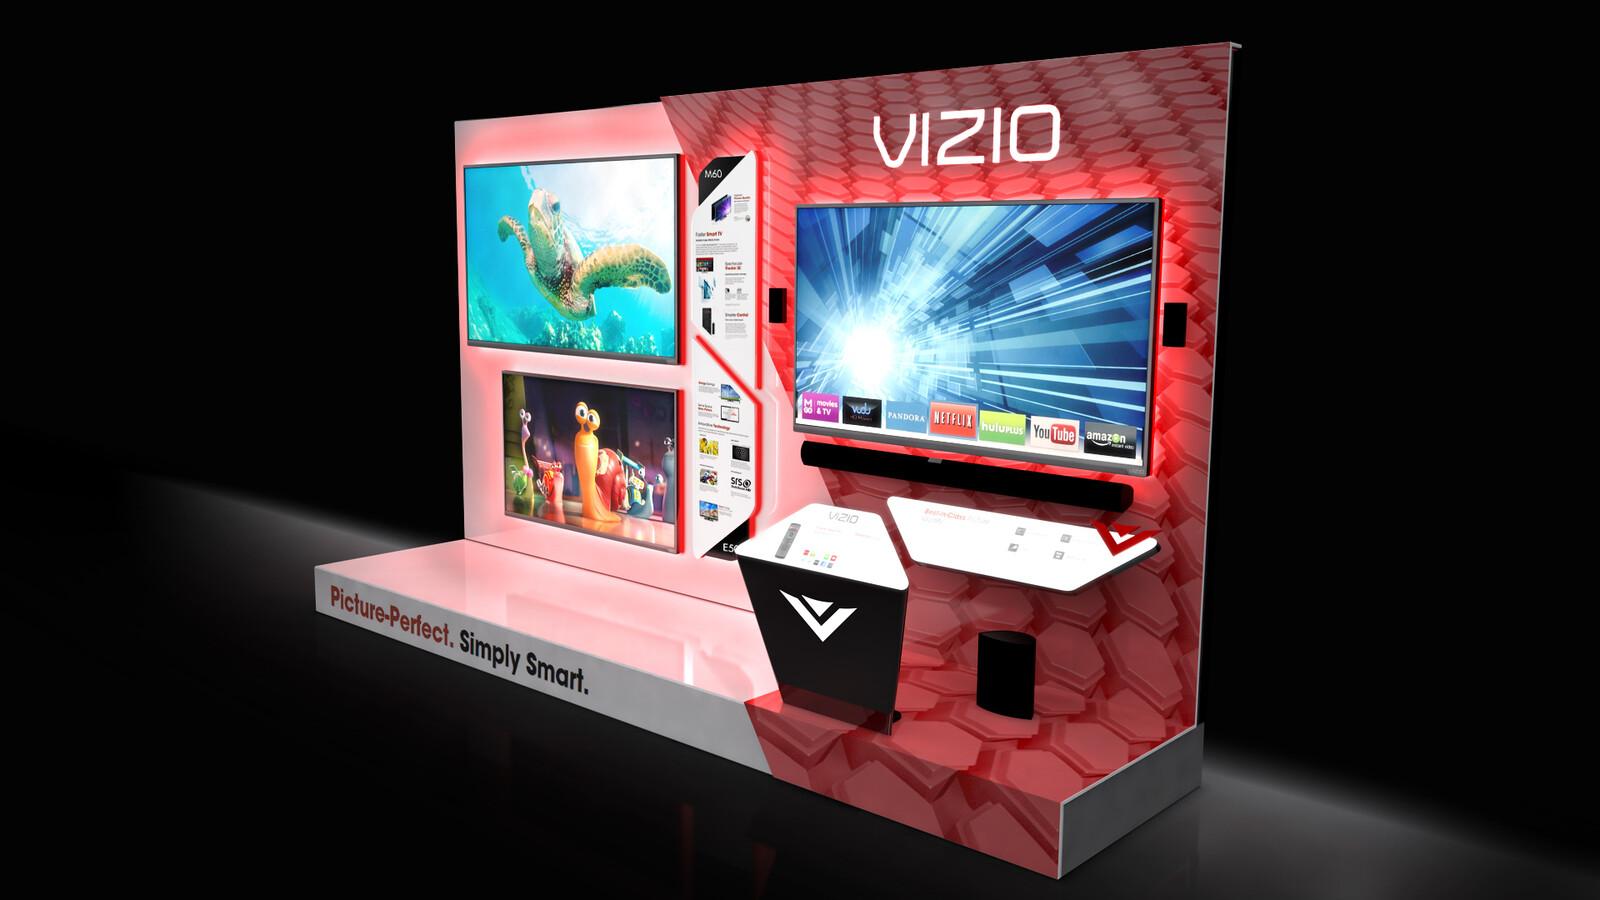 VIZIO In-Store Display